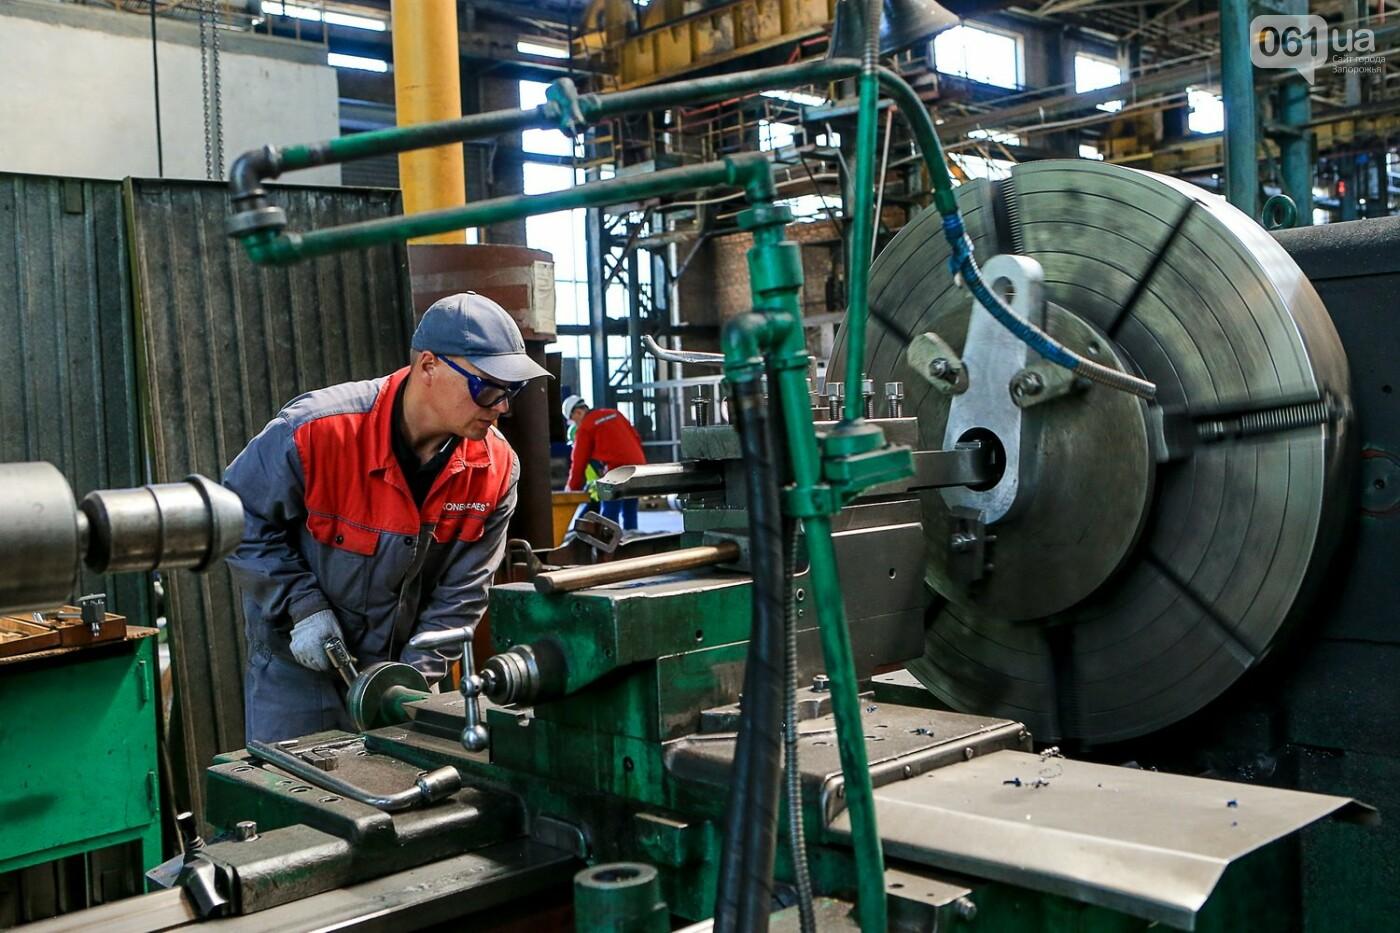 Как в Запорожье работает крупнейший в Европе завод по производству кранов: экскурсия на производство, — ФОТОРЕПОРТАЖ, фото-44